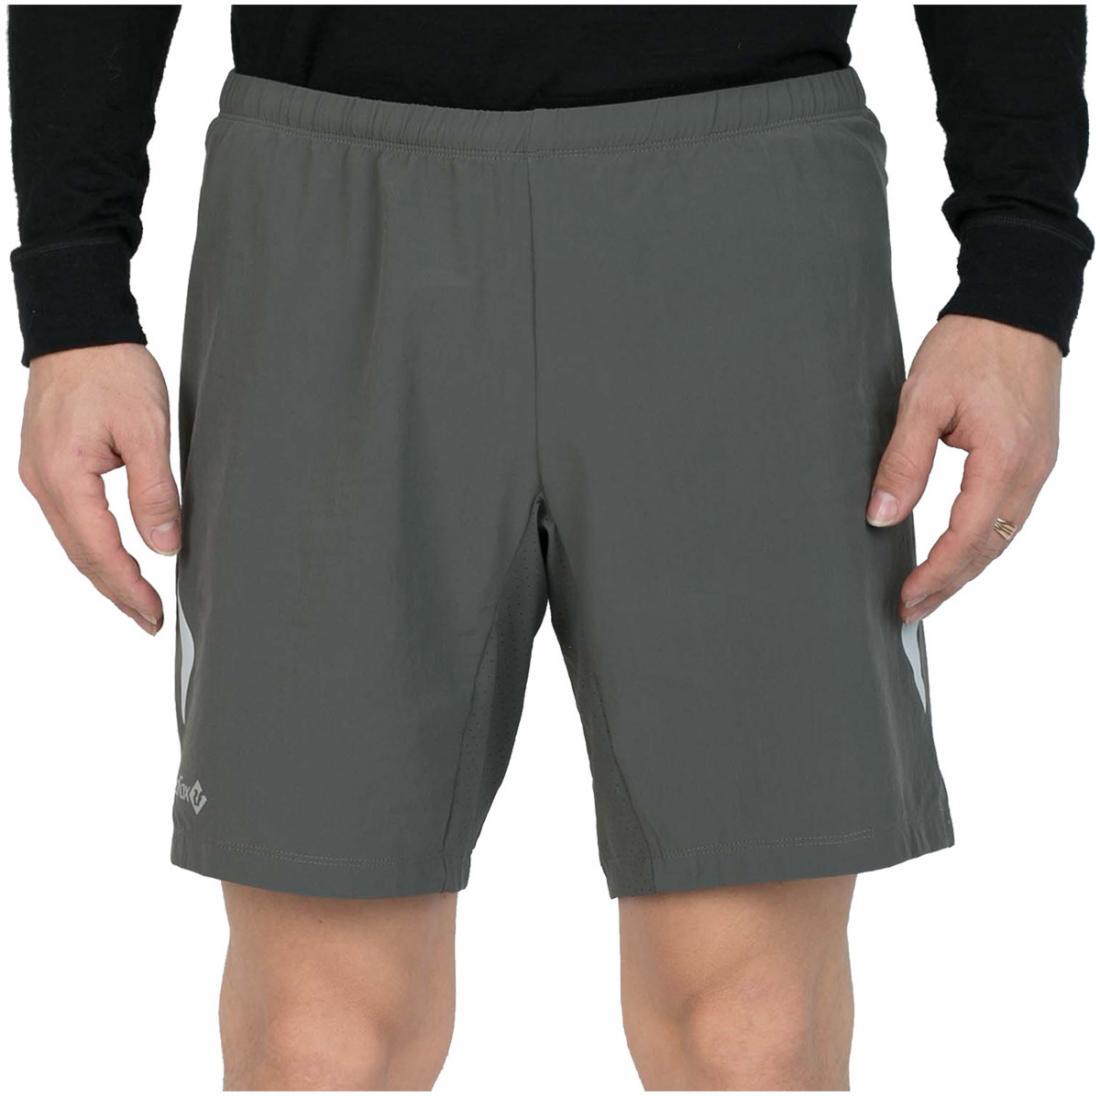 Шорты Race IIШорты, бриджи<br><br> Легкие спортивные шорты свободного кроя. выполненыиз эластичного материала с высокими показателямиотведения и испарения влаги, что...<br><br>Цвет: Серый<br>Размер: 50